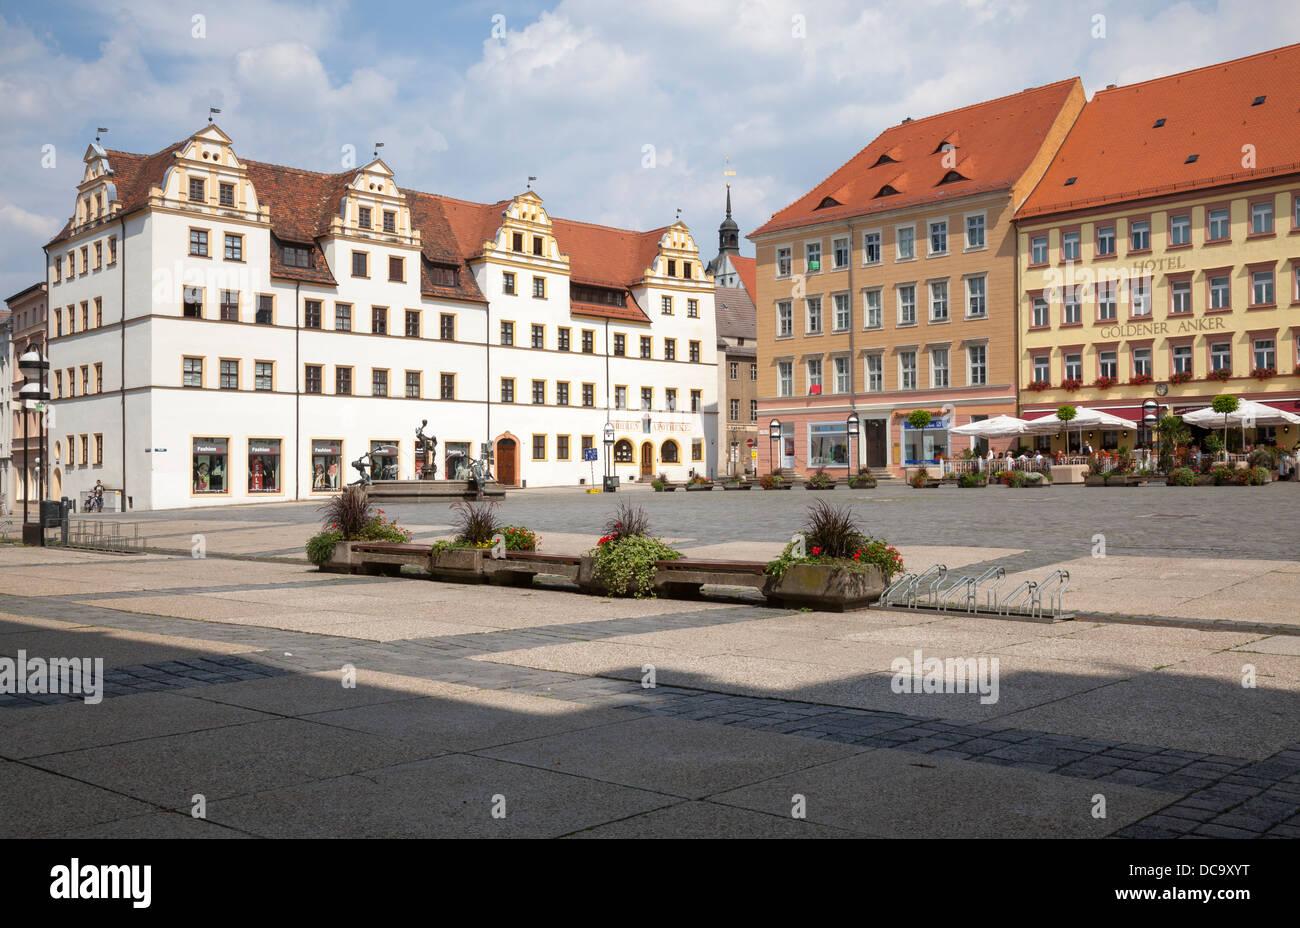 Marktplatz, Torgau, Saxony, Germany Stock Photo